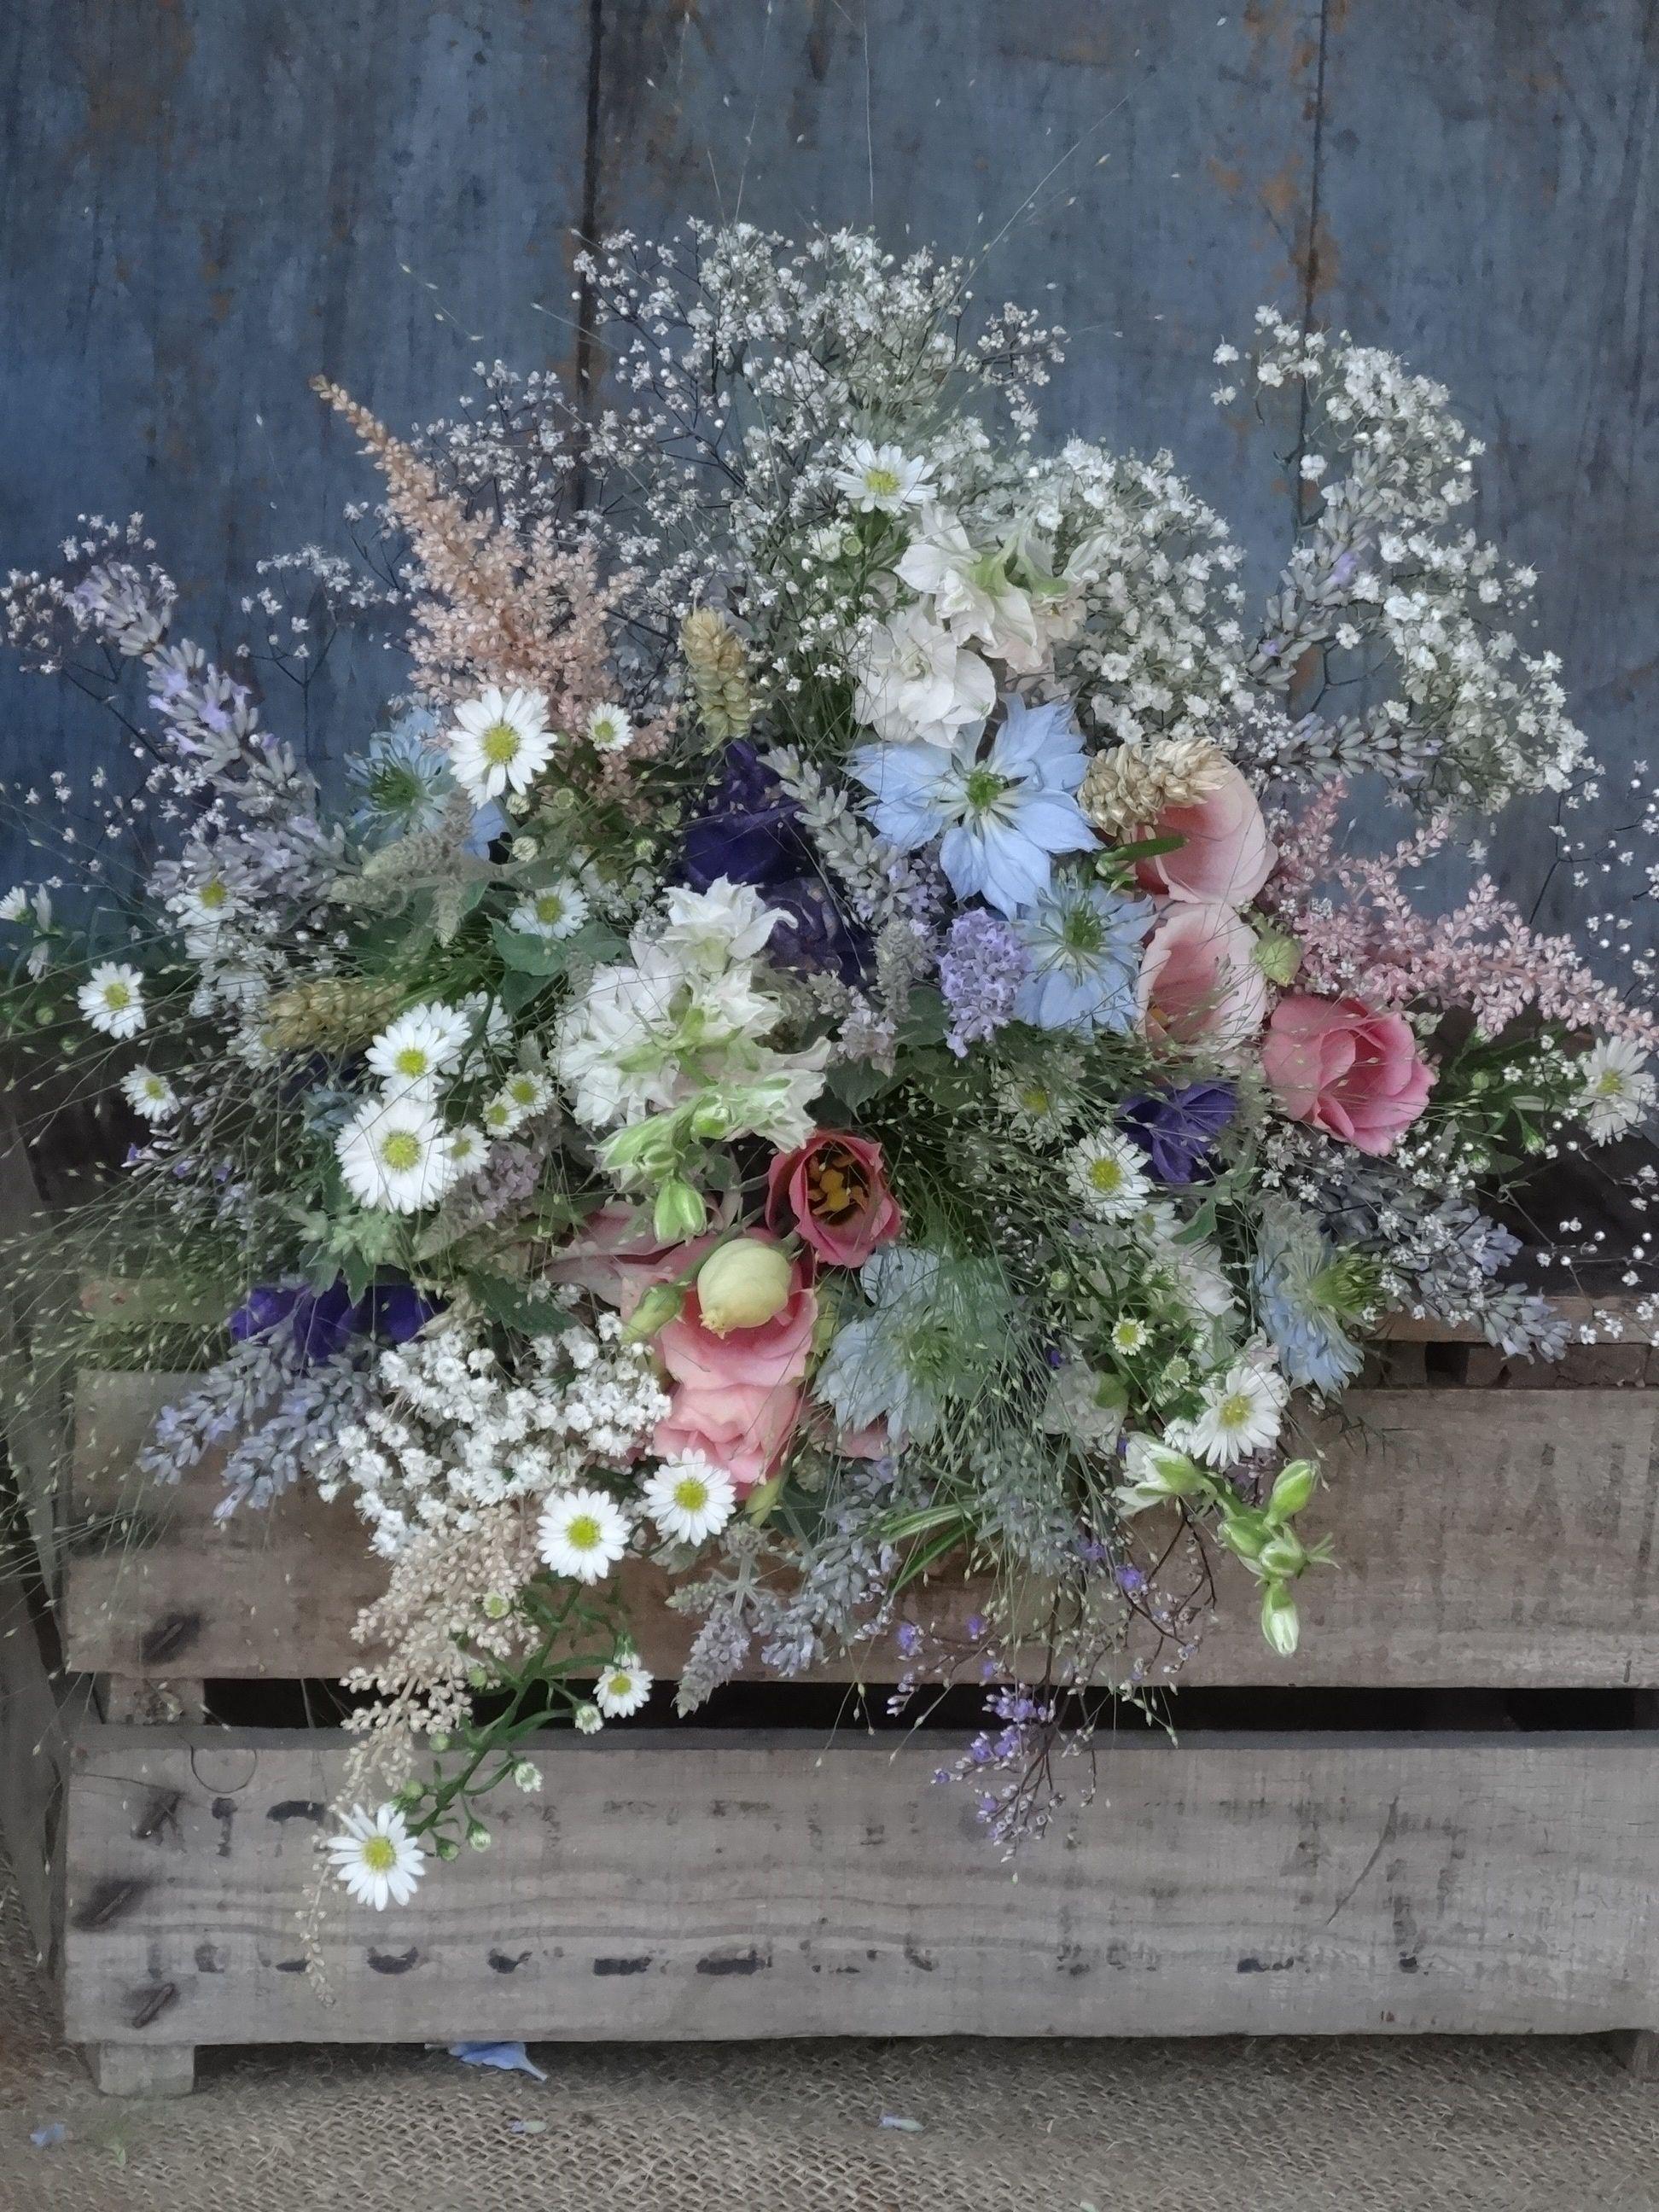 July Wedding Flowers From Catkin Www Catkinflowers Co Uk July Wedding Flowers Spring Wedding Bouquets Spring Wedding Flowers